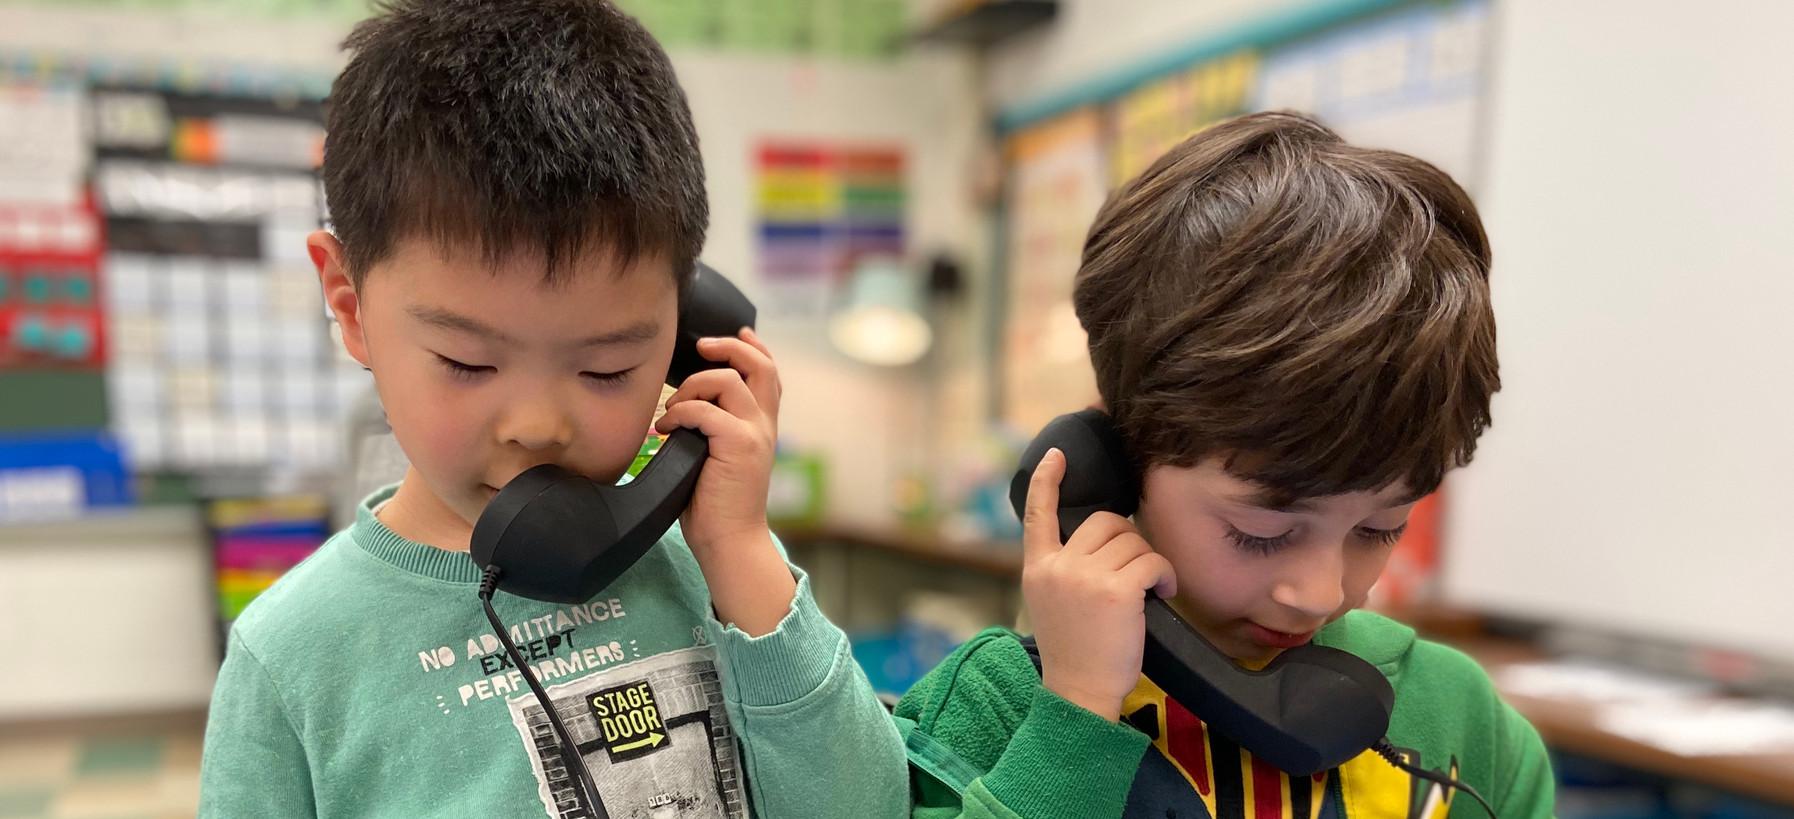 Hello? Can you hear me?